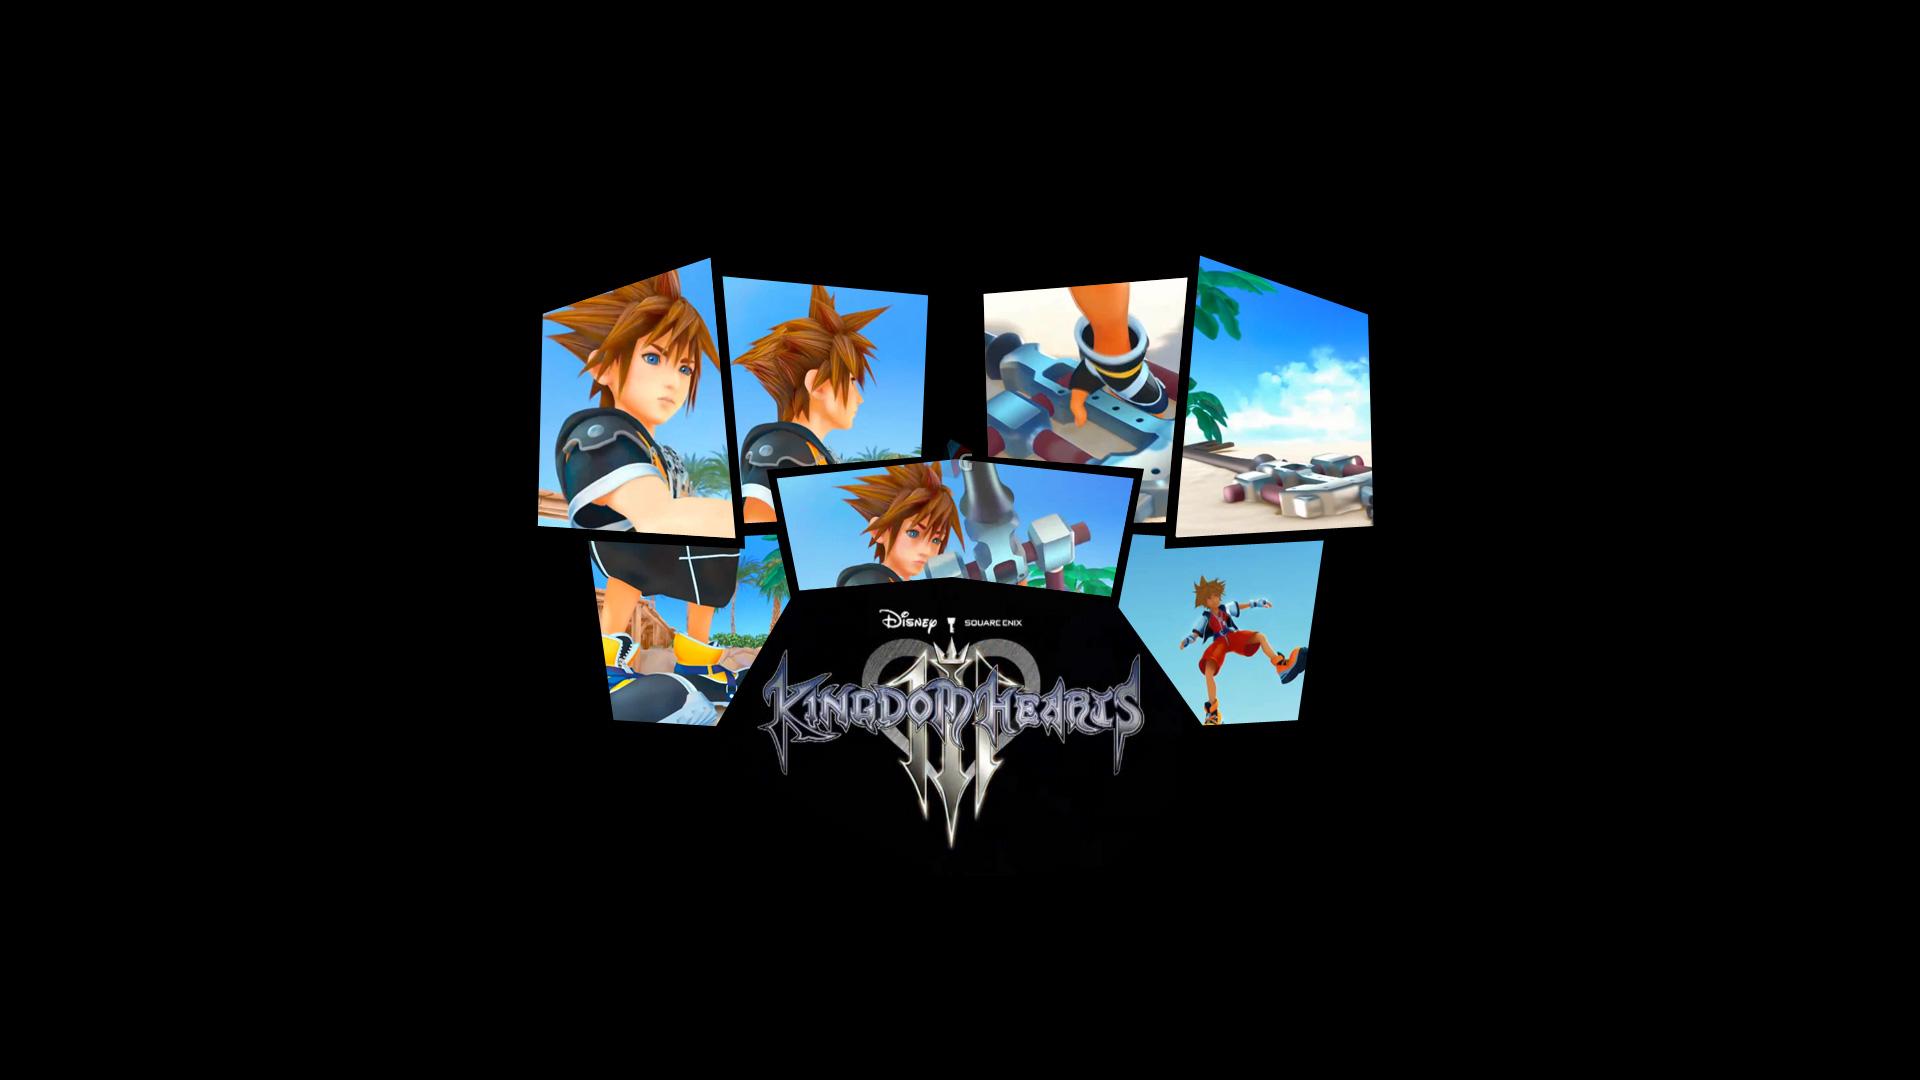 Download Kingdom Hearts 3 Wallpaper 1080p Download link 720p 1920x1080